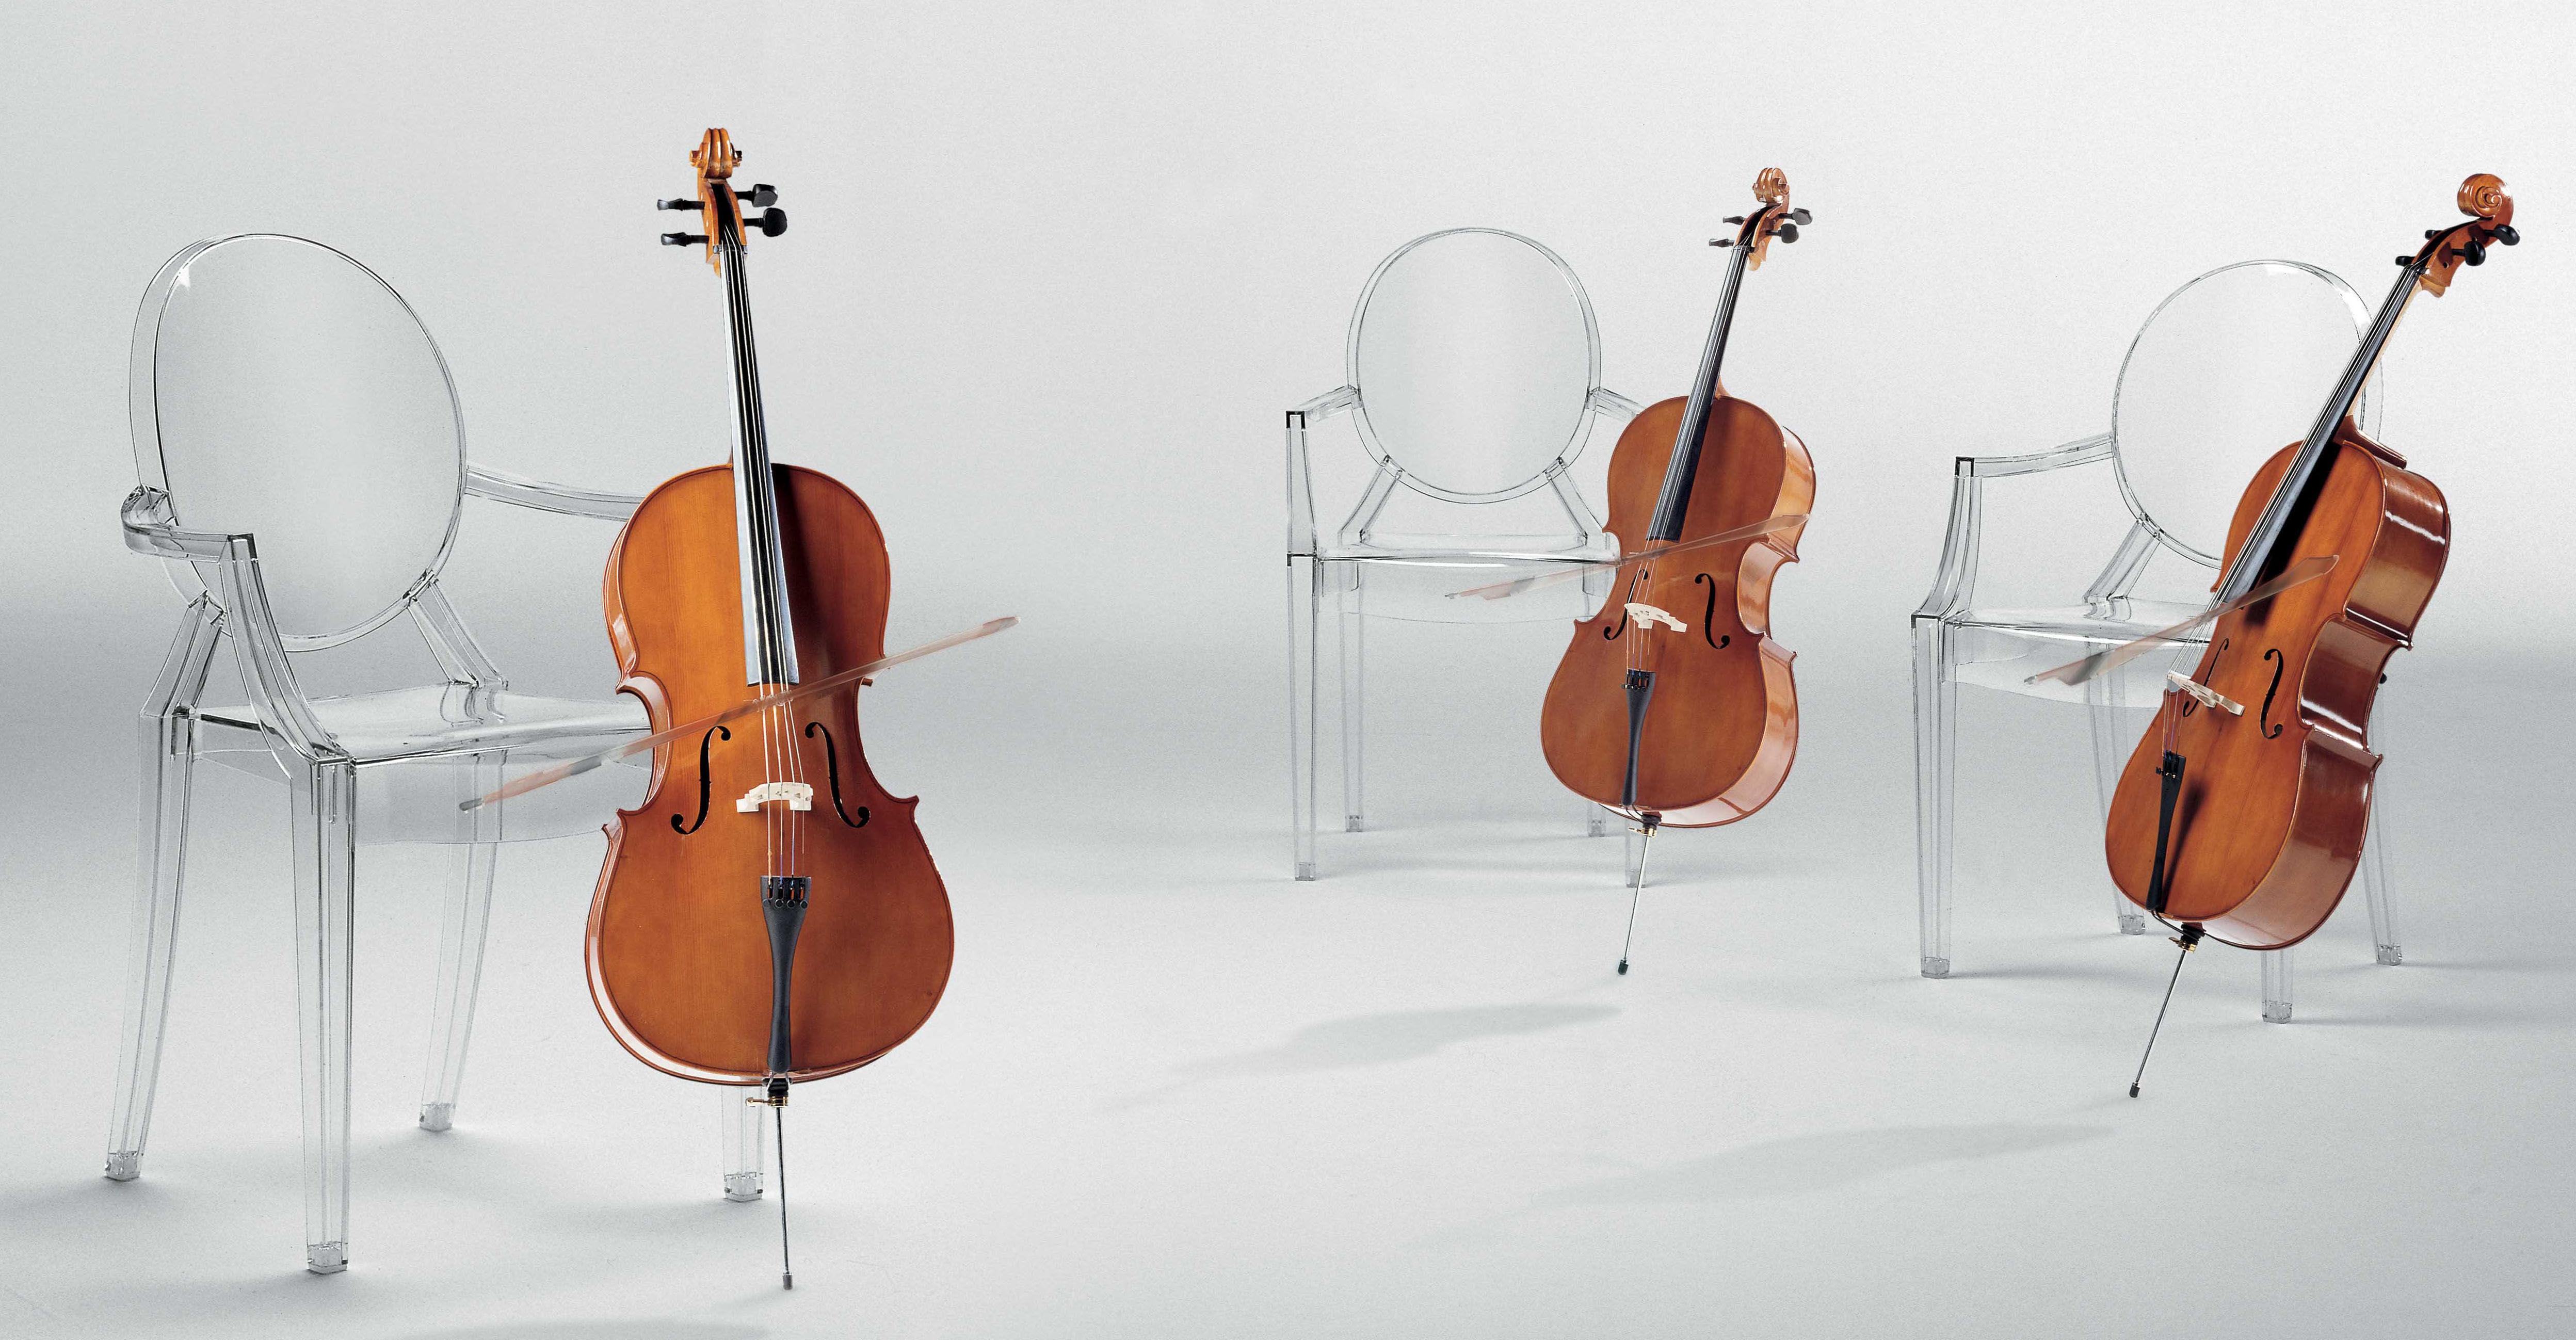 Fauteuil Louis Ghost De Philippe Starck fauteuil empilable louis ghost transparent / polycarbonate